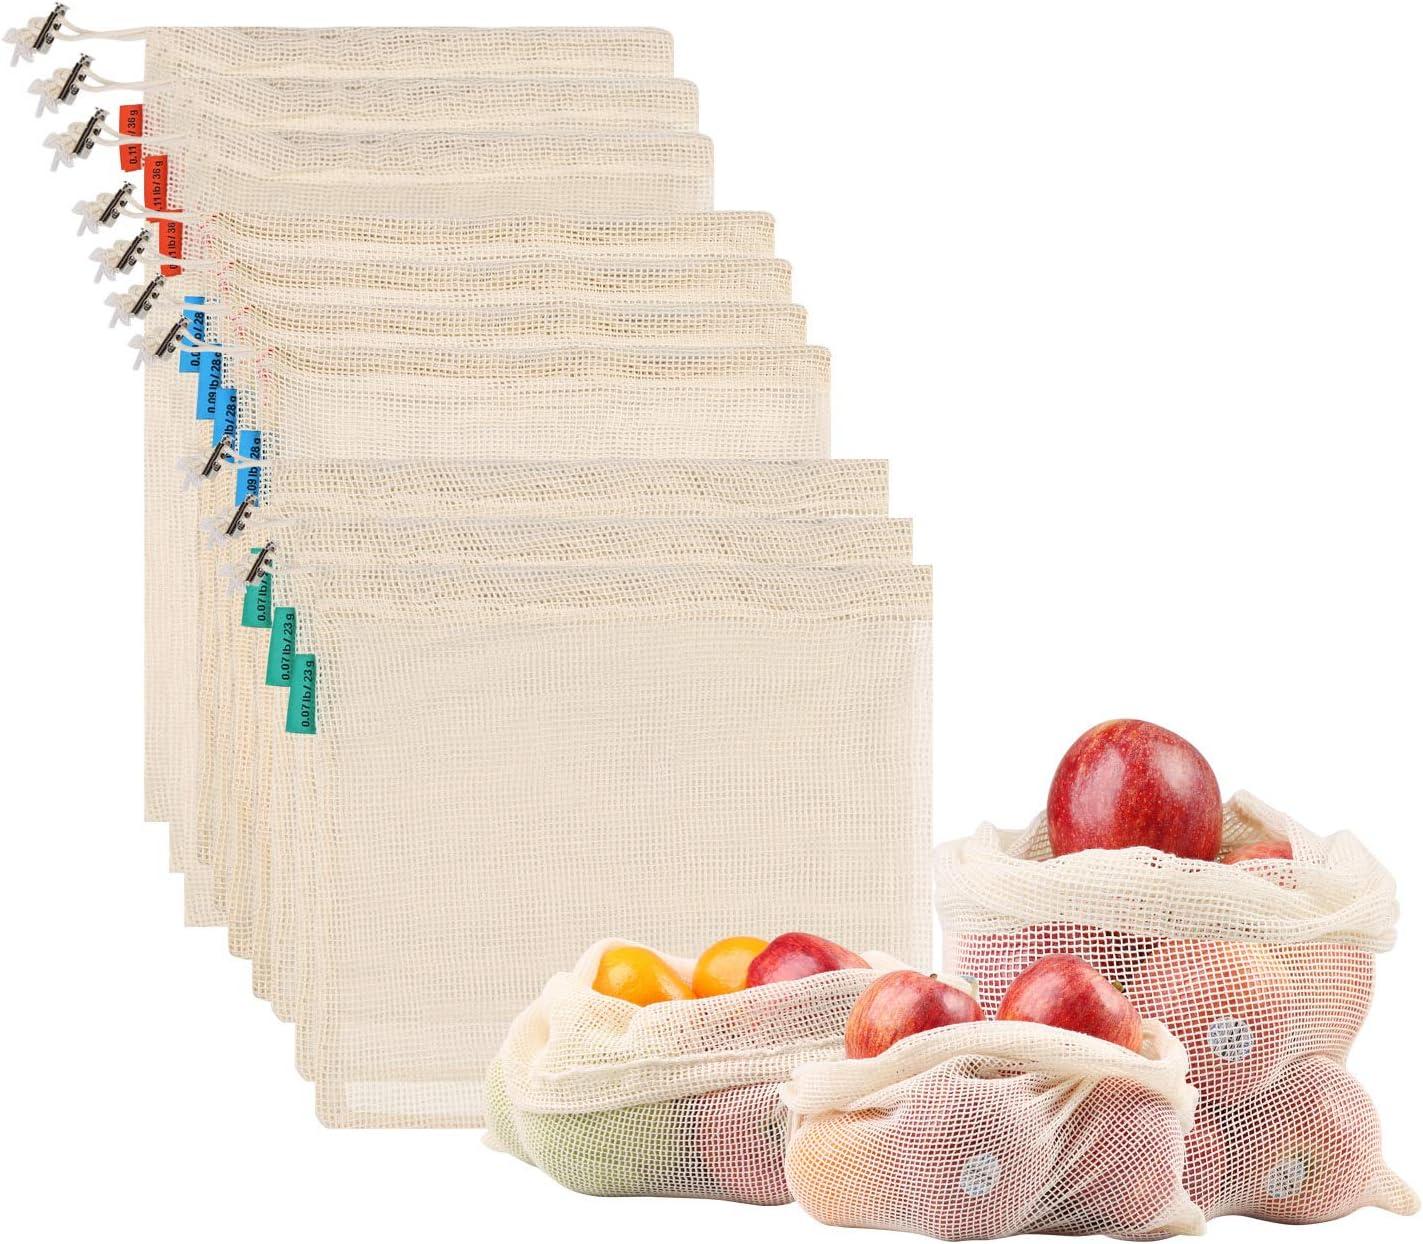 NEWSTYLE Bolsa de Producción Reutilizable,Juego de 10 Bolsas de Malla Reutilizables Perfectas para Productos Frescos, Frutas y Verduras,Lavable y Libre de BPA, 3 Tamaños (3*S, 4*M, 3*L): Amazon.es: Juguetes y juegos